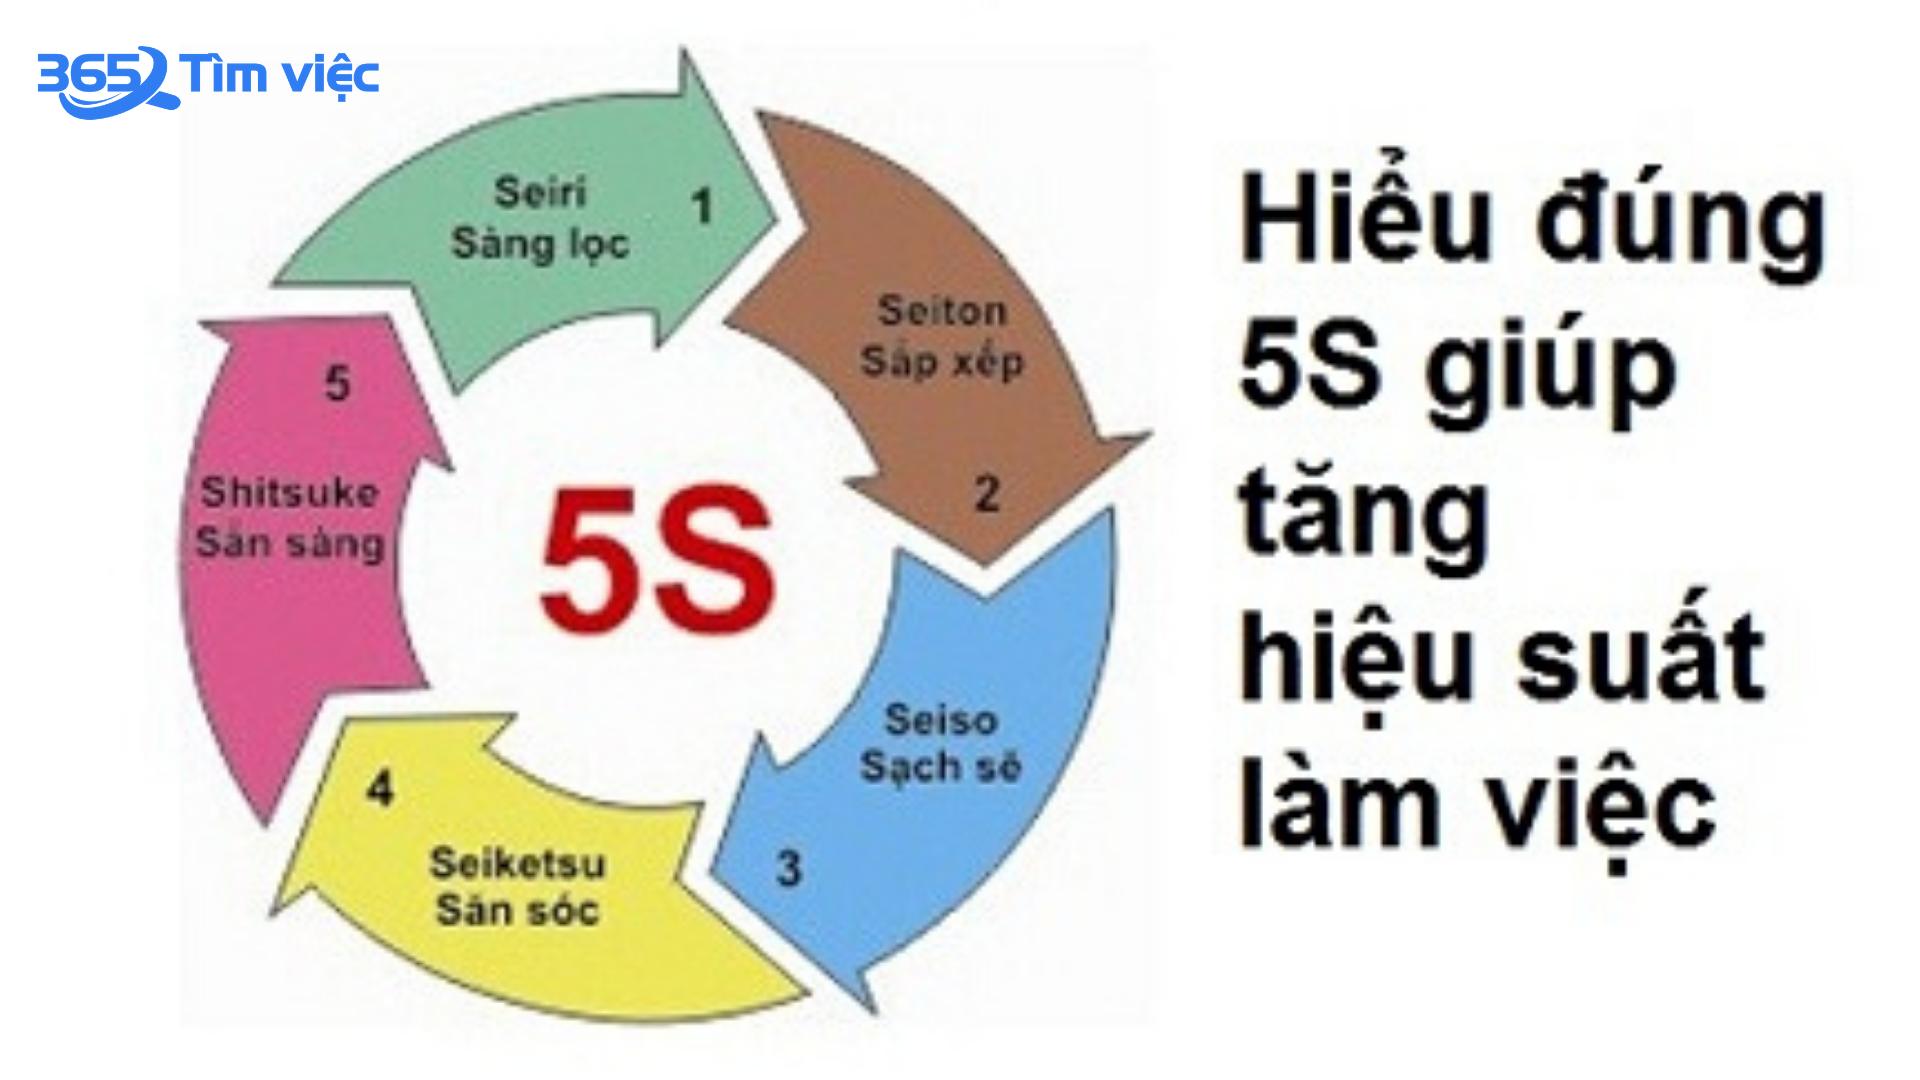 [Khái niệm] Tiêu chuẩn 5S là gì? Tác dụng của tiêu chuẩn mô hình 5S – 2021